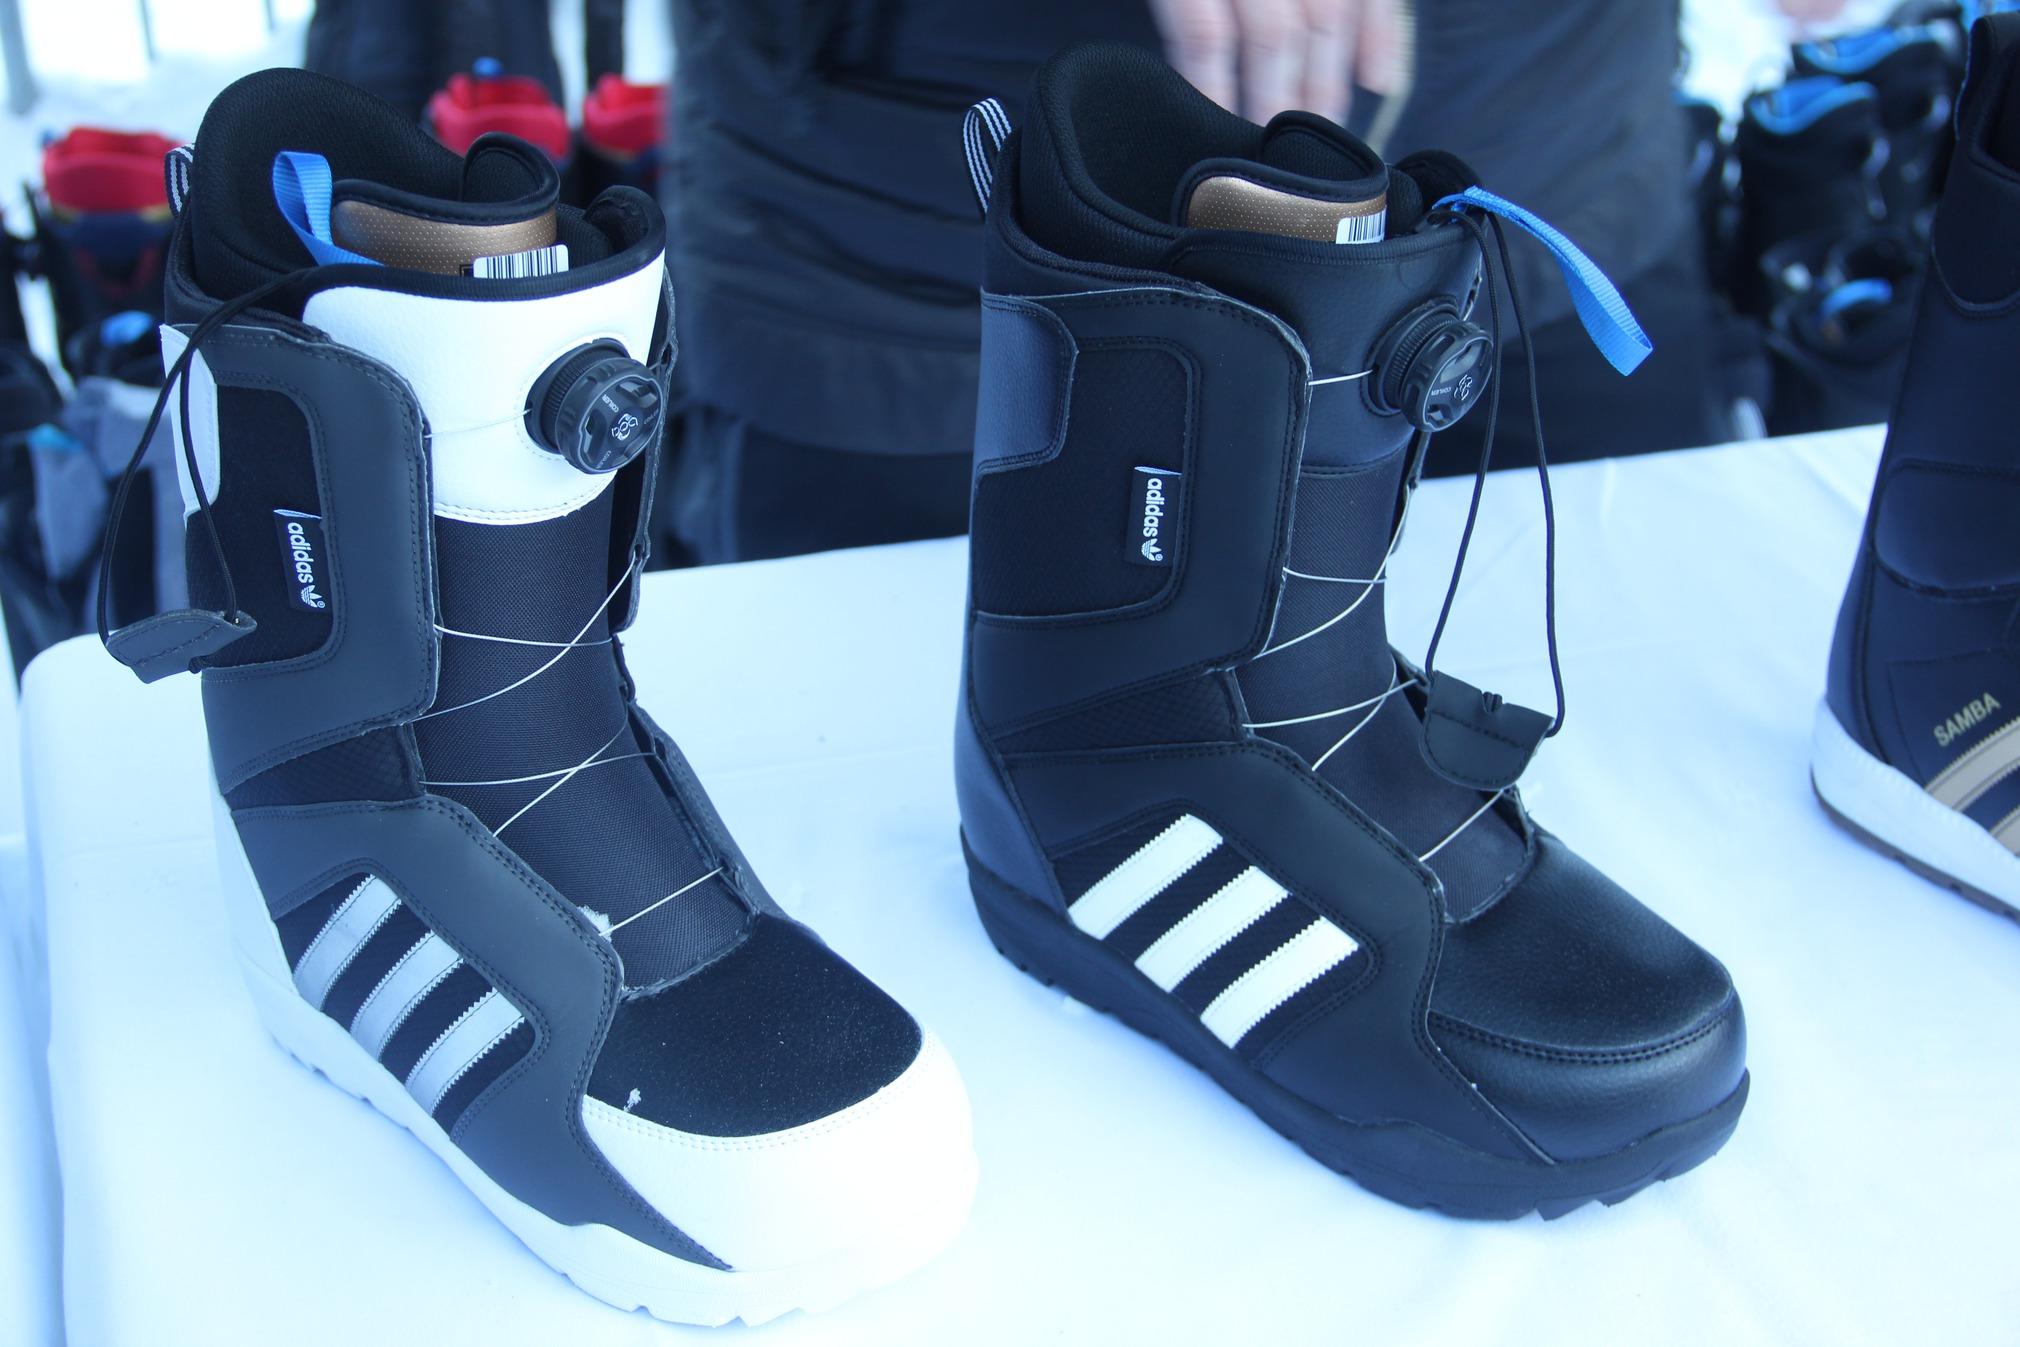 boots adidas boa